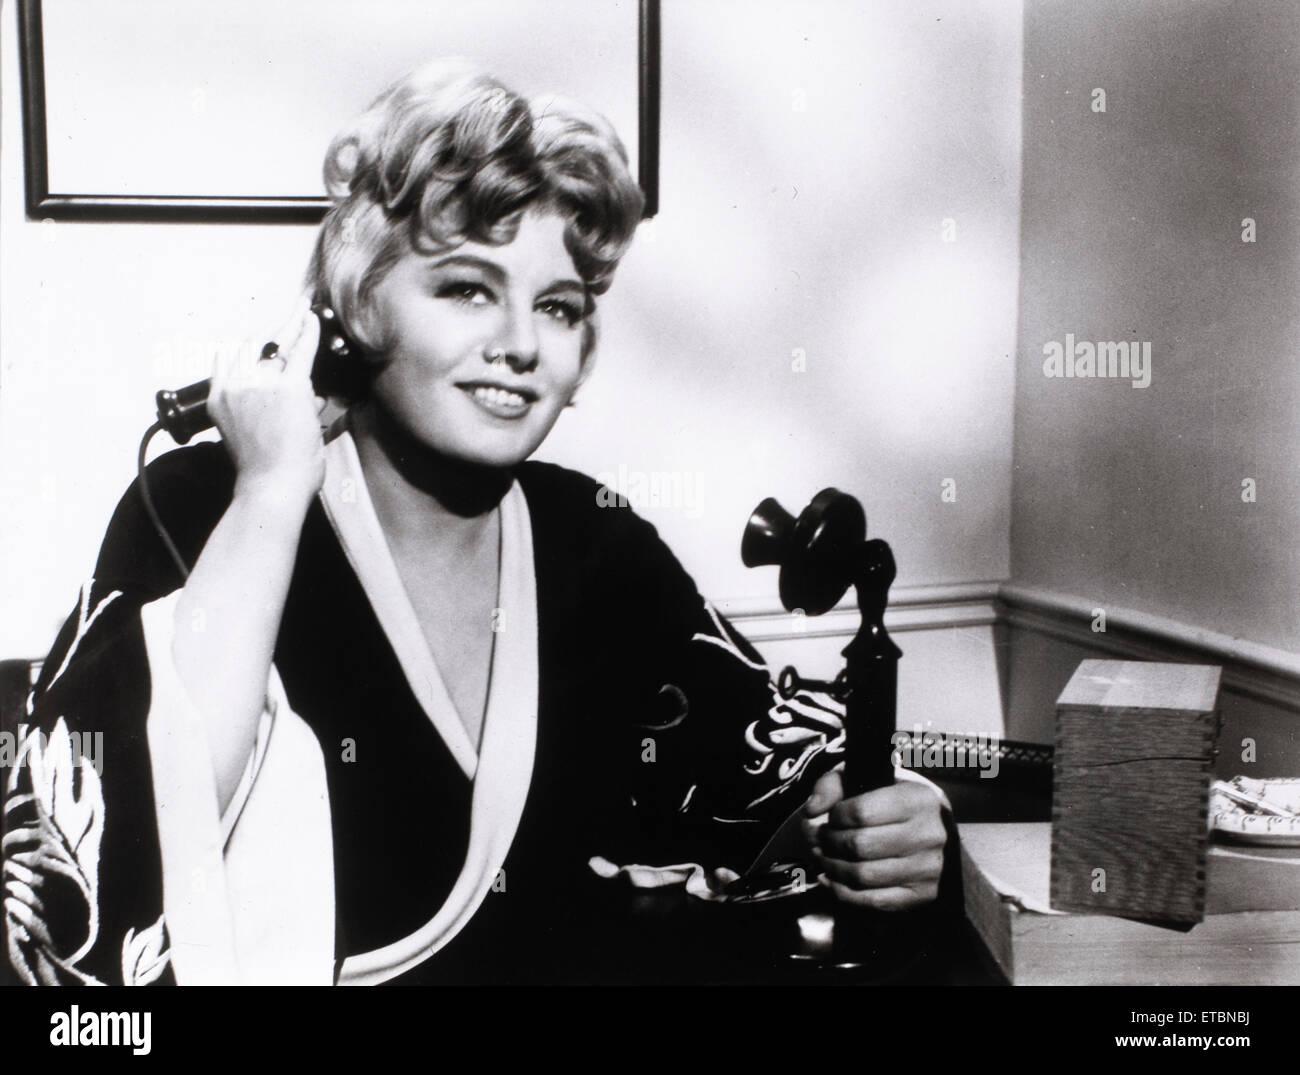 """Shelley Winters, Portrait publicitaire pour le film """"une maison n'est pas une maison', 1964 Photo Stock"""